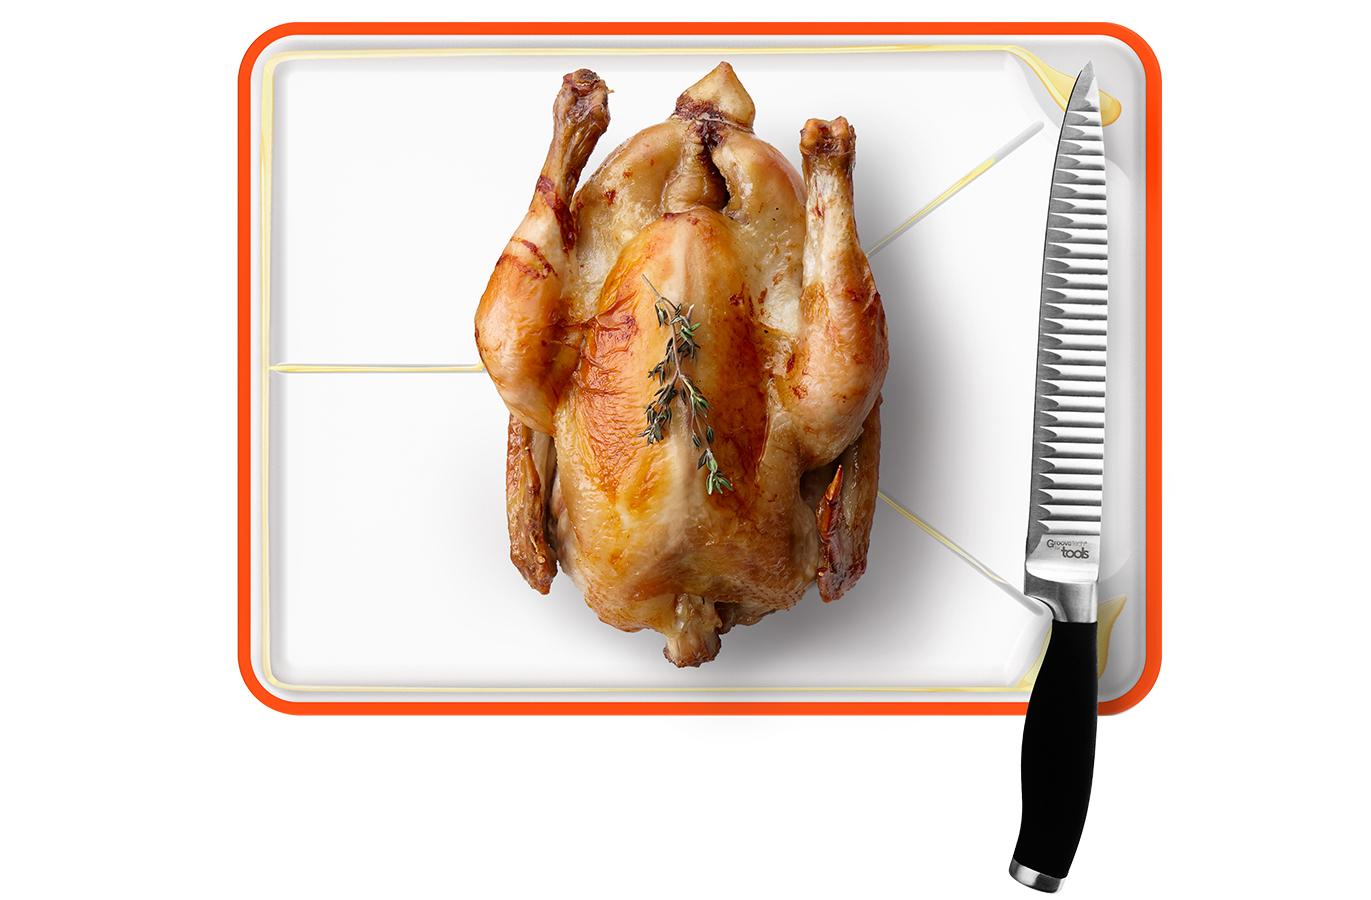 ET VOICI une PLANCHE À VIANDE ! - Que vous souhaitiez débiter ou trancher vos viandes après cuisson, tout est possible. De l'autre côté de la planche, vous bénificiez d'une large surface de découpe et d'un centre antidérapant qui vous permettra de bloquer vos viandes. Cette face est munie d'une rigole pour récupérer le jus de vos viandes. • Centre antidérapant et bord magnétique pour sécuriser le couteau.